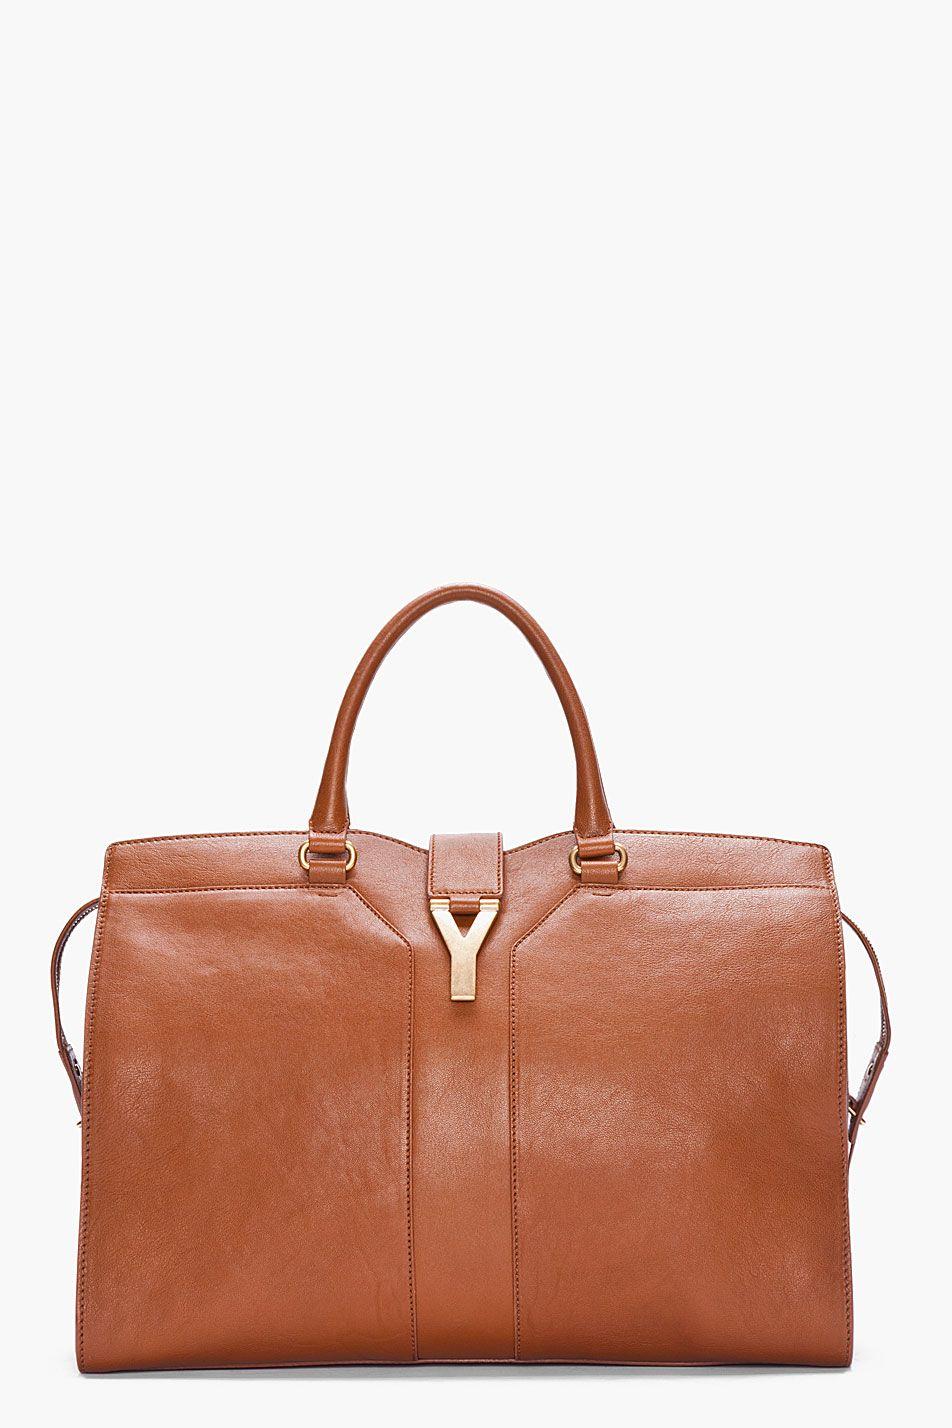 140ba49bc3 Yves Saint Laurent Tan Large Chyc Tote Bag